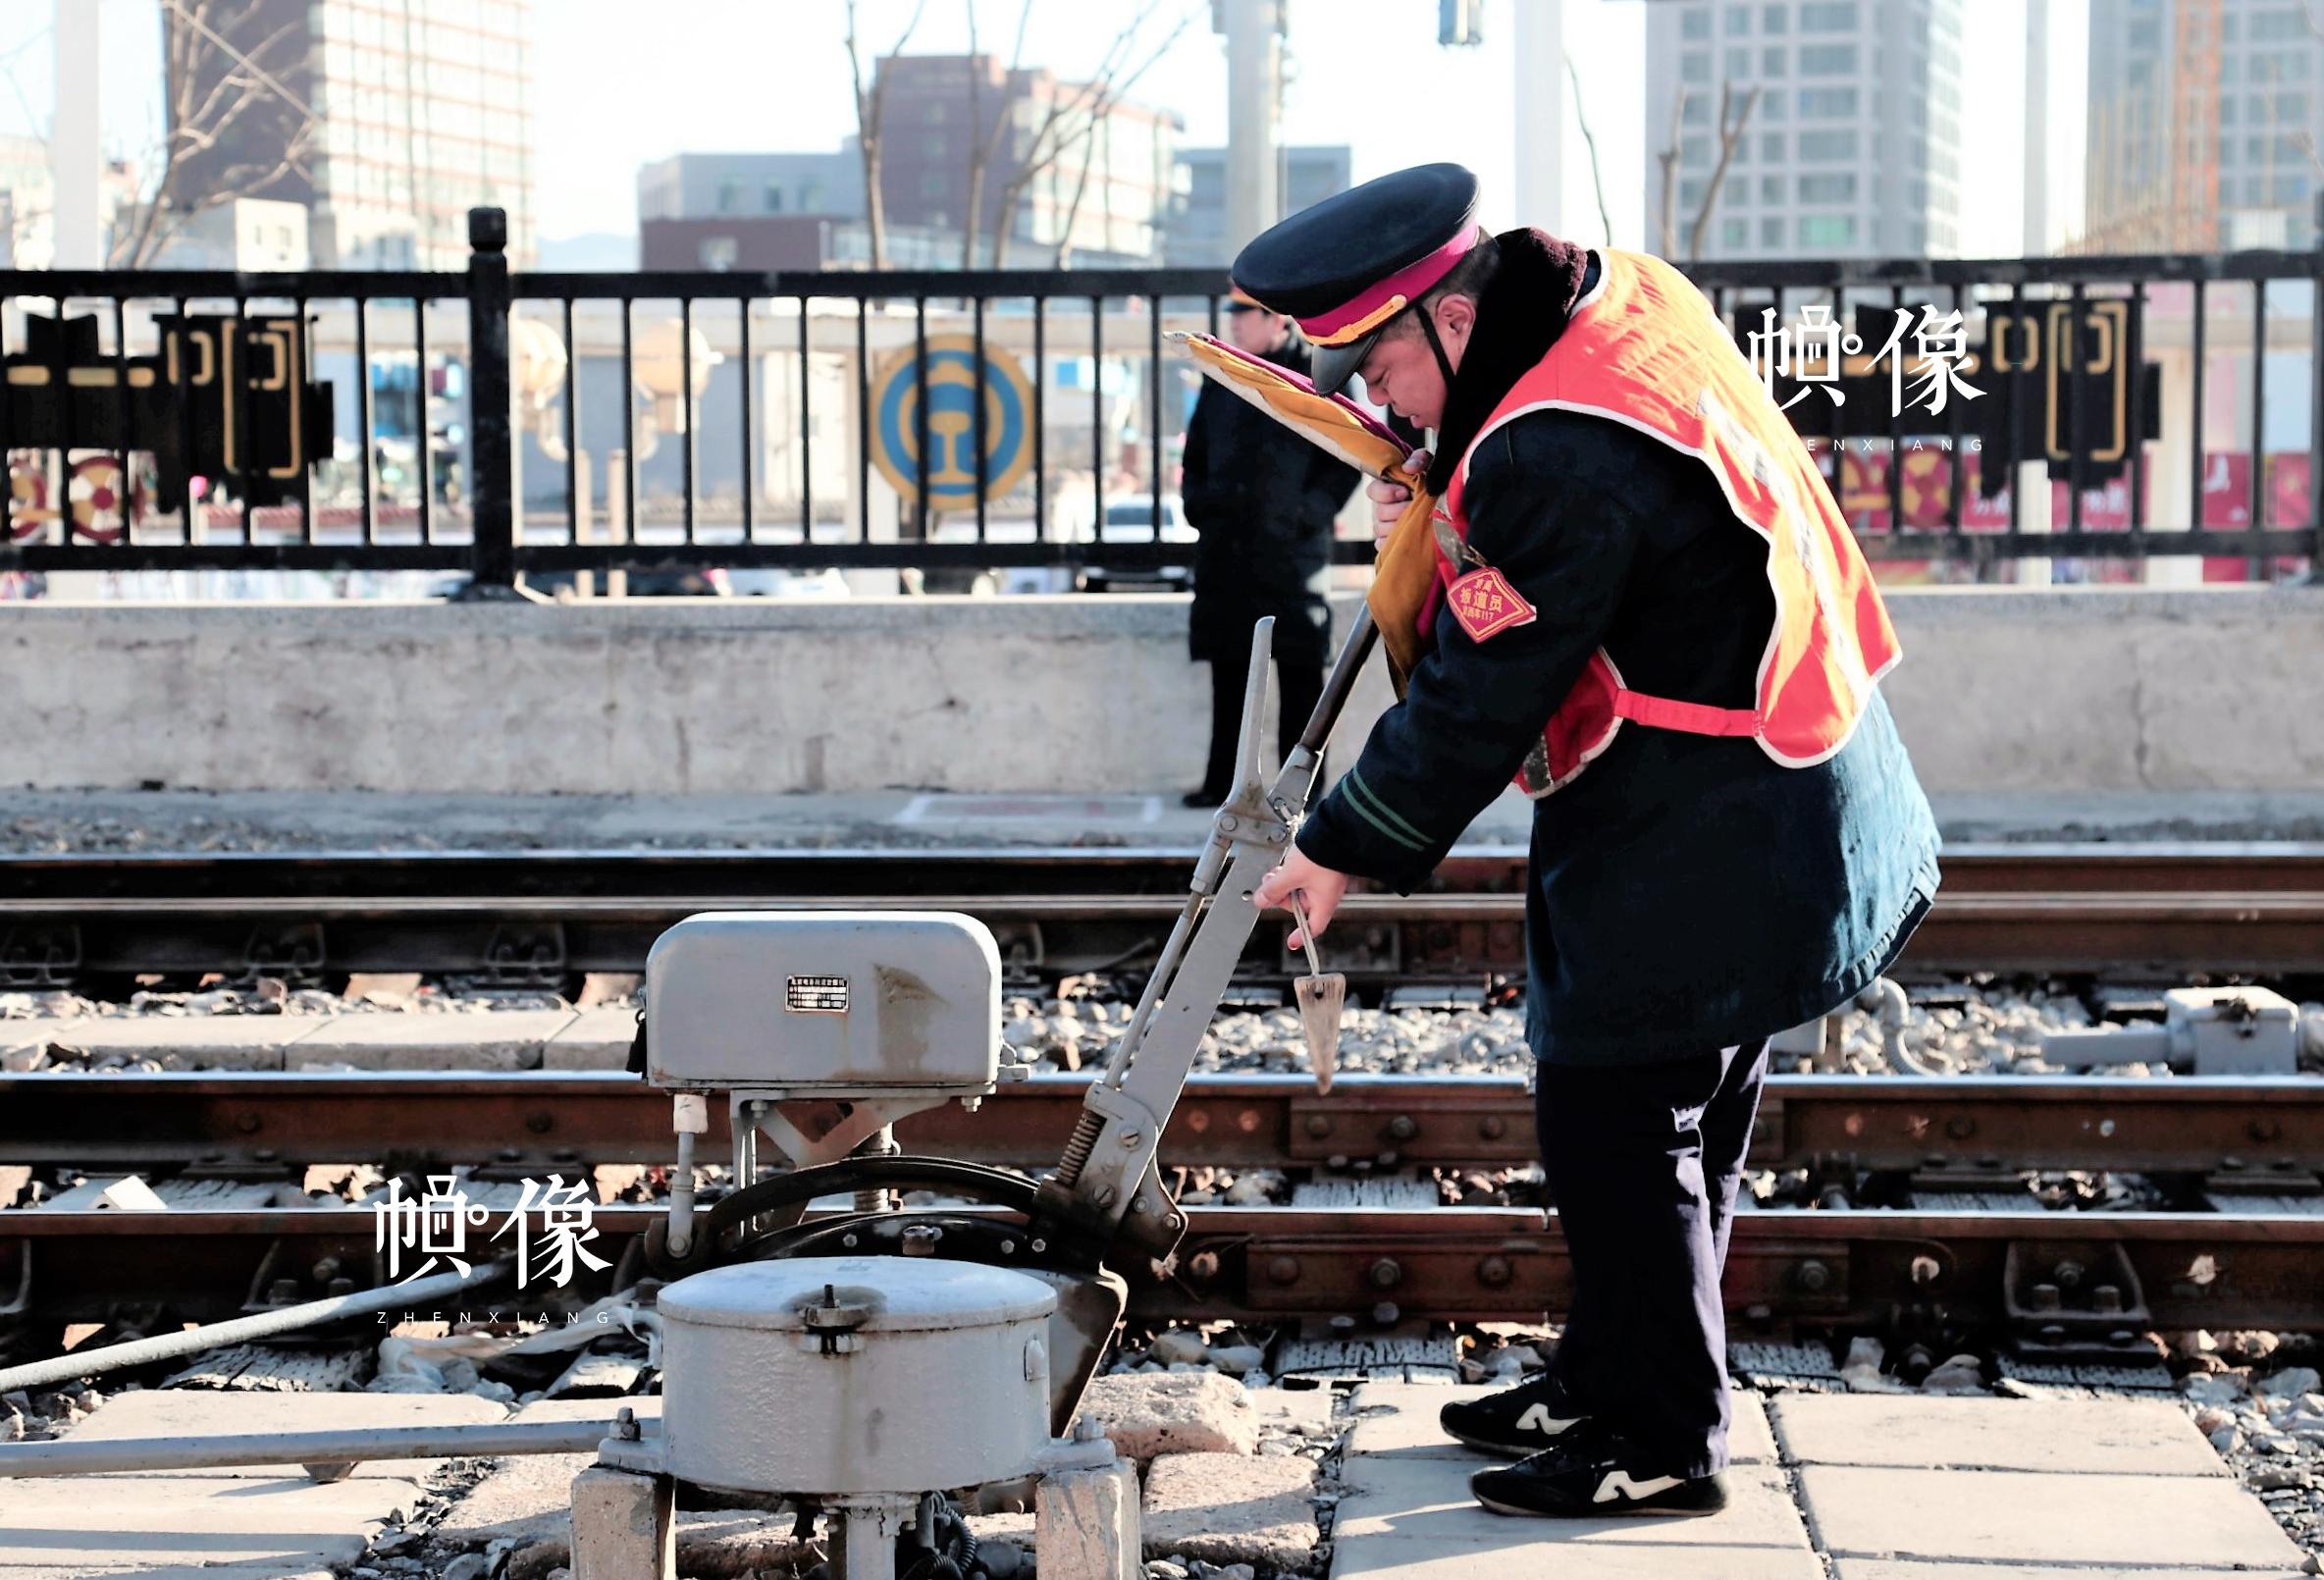 铁路扳道员张军正在使用铁路扳道器械,搬动道岔手柄准备列车进路。中国网记者 仝选 摄